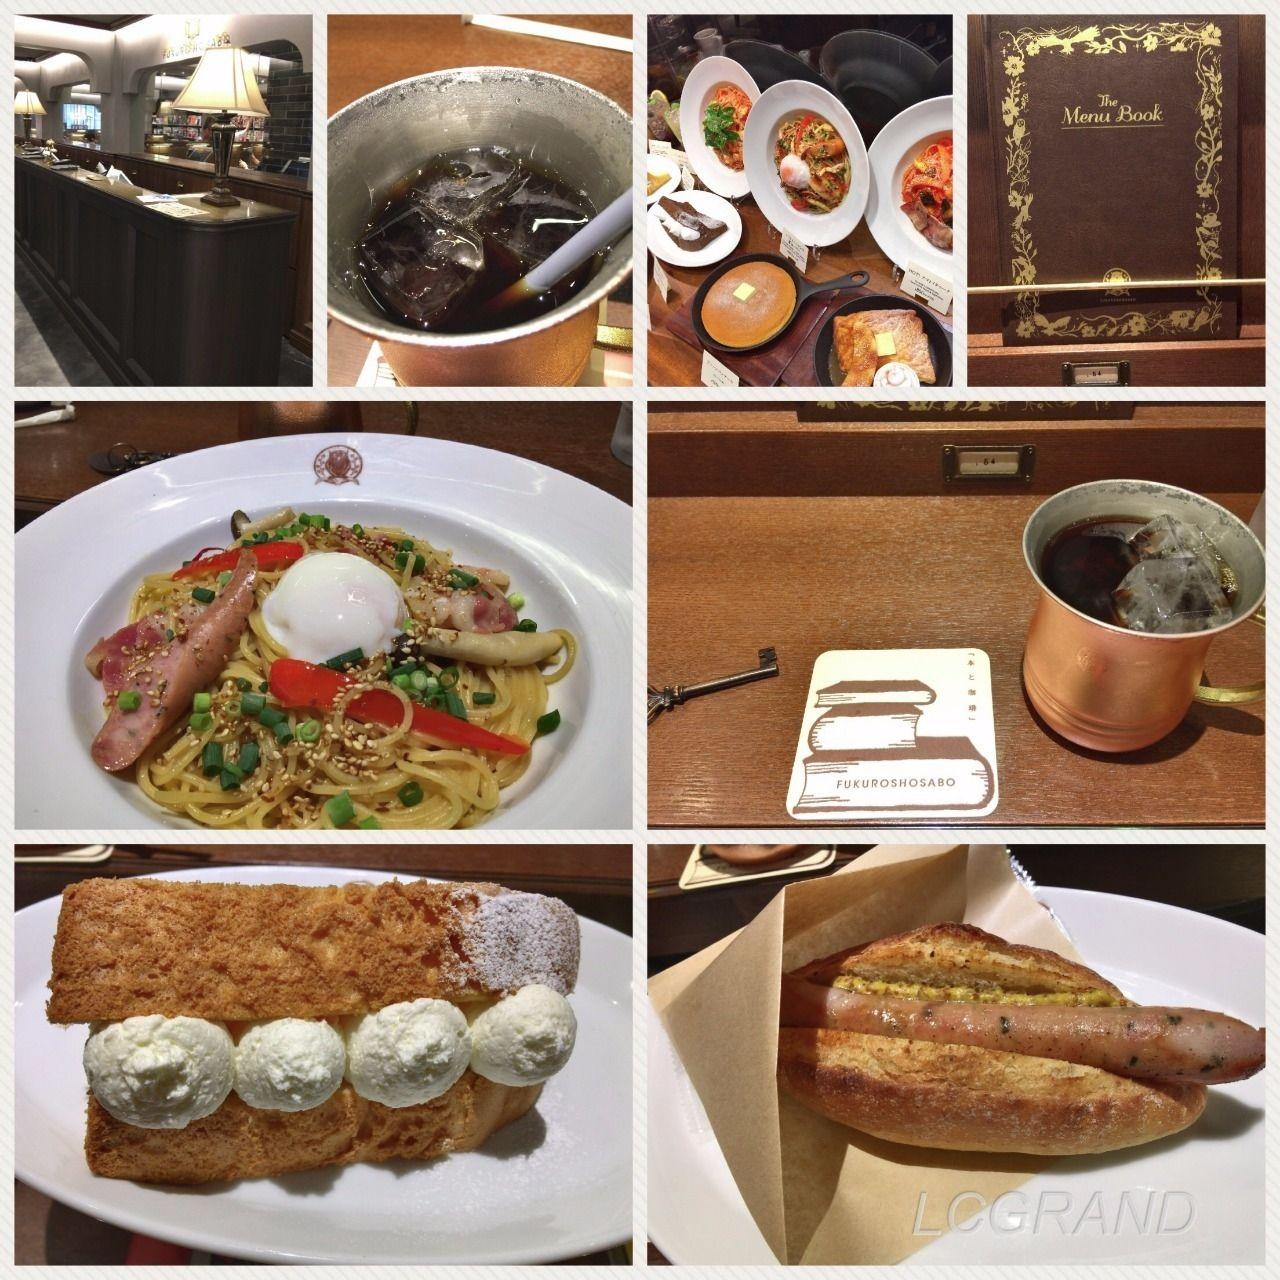 池袋の梟書茶房のシフォンケーキや梟ドックのプレーンドックやアイスコーヒーなどの様々な写真